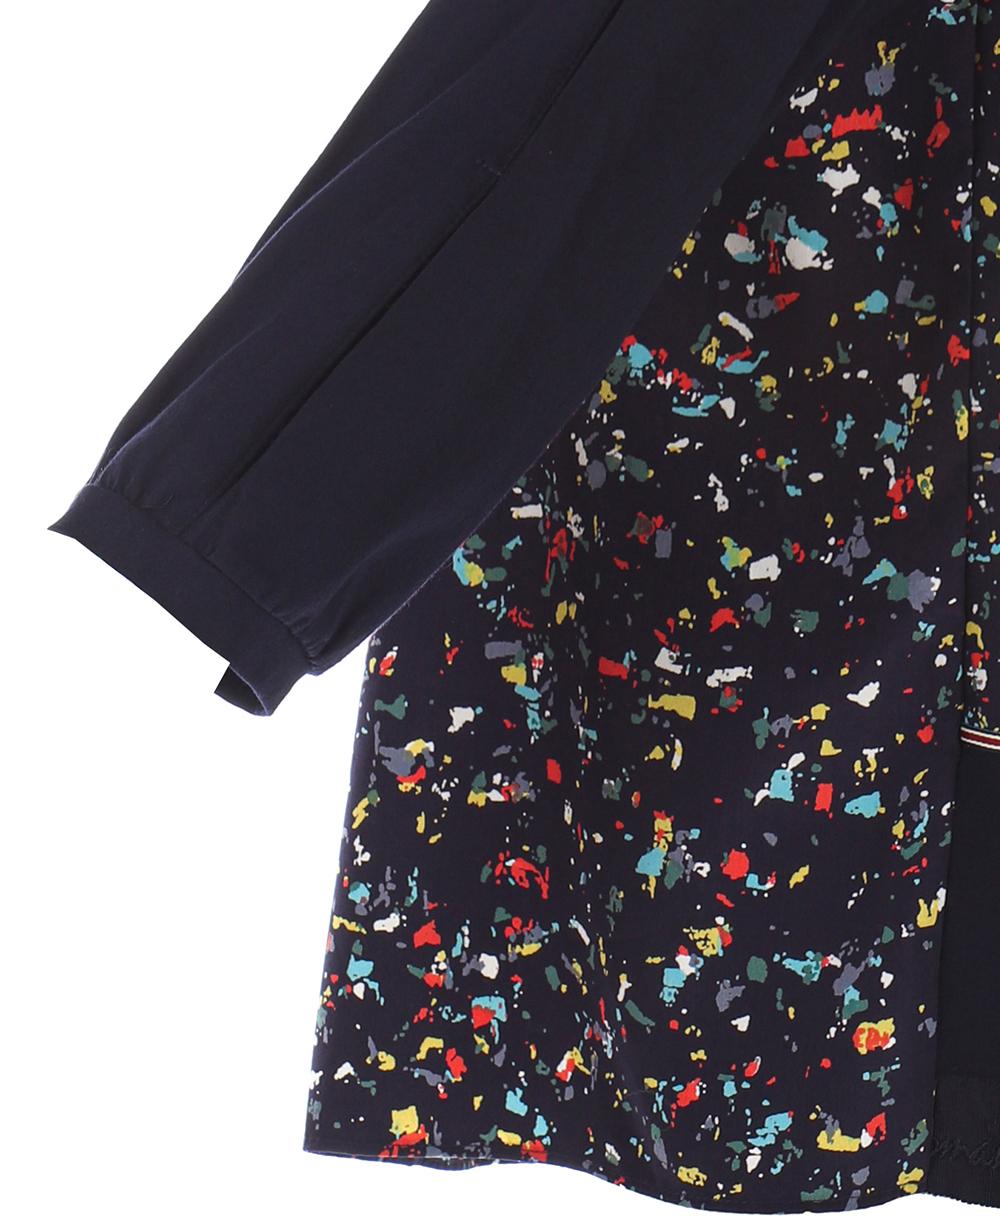 드레스 상품상세 이미지-S2L32